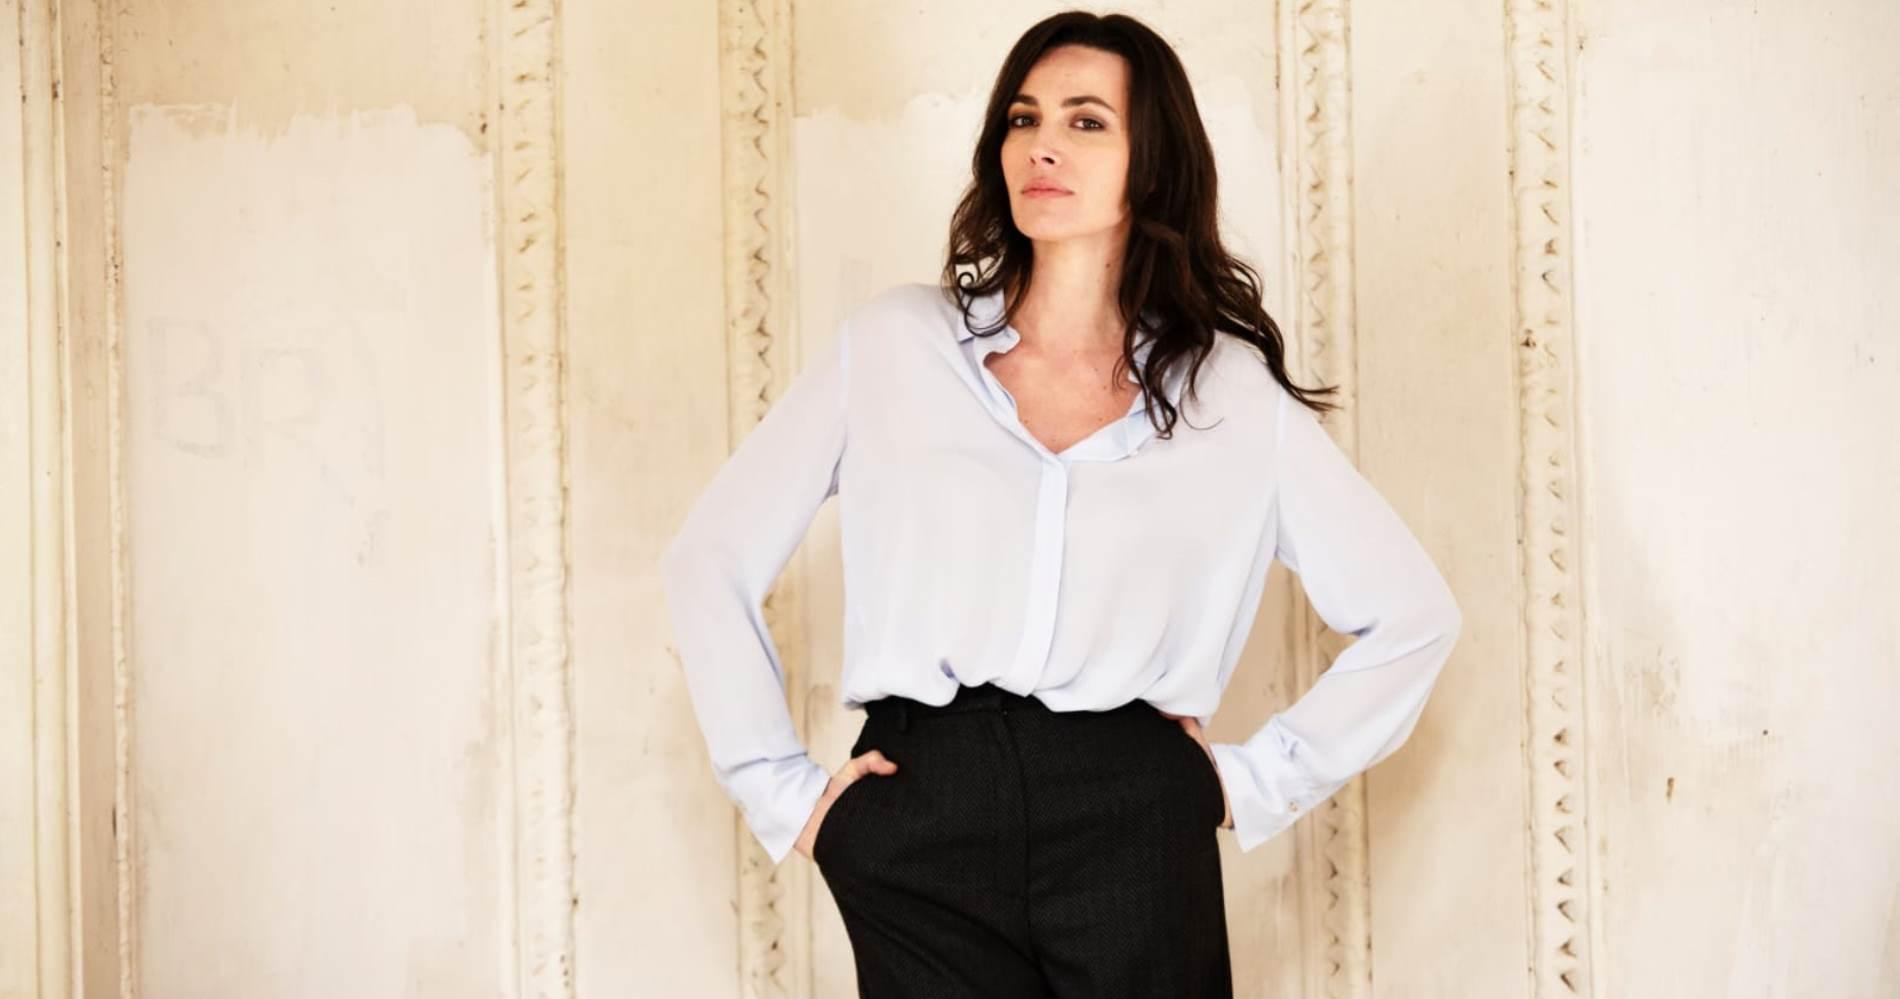 """<span class=""""entry-title-primary"""">Daniela Virgilio: """"Creo scompiglio in 'Rosy Abate 2'. Oltre Patrizia c'è di più""""</span> <span class=""""entry-subtitle"""">L'attrice lanciata da """"Romanzo Criminale"""" presenta il suo nuovo personaggio della fiction targata Mediaset.  </span>"""